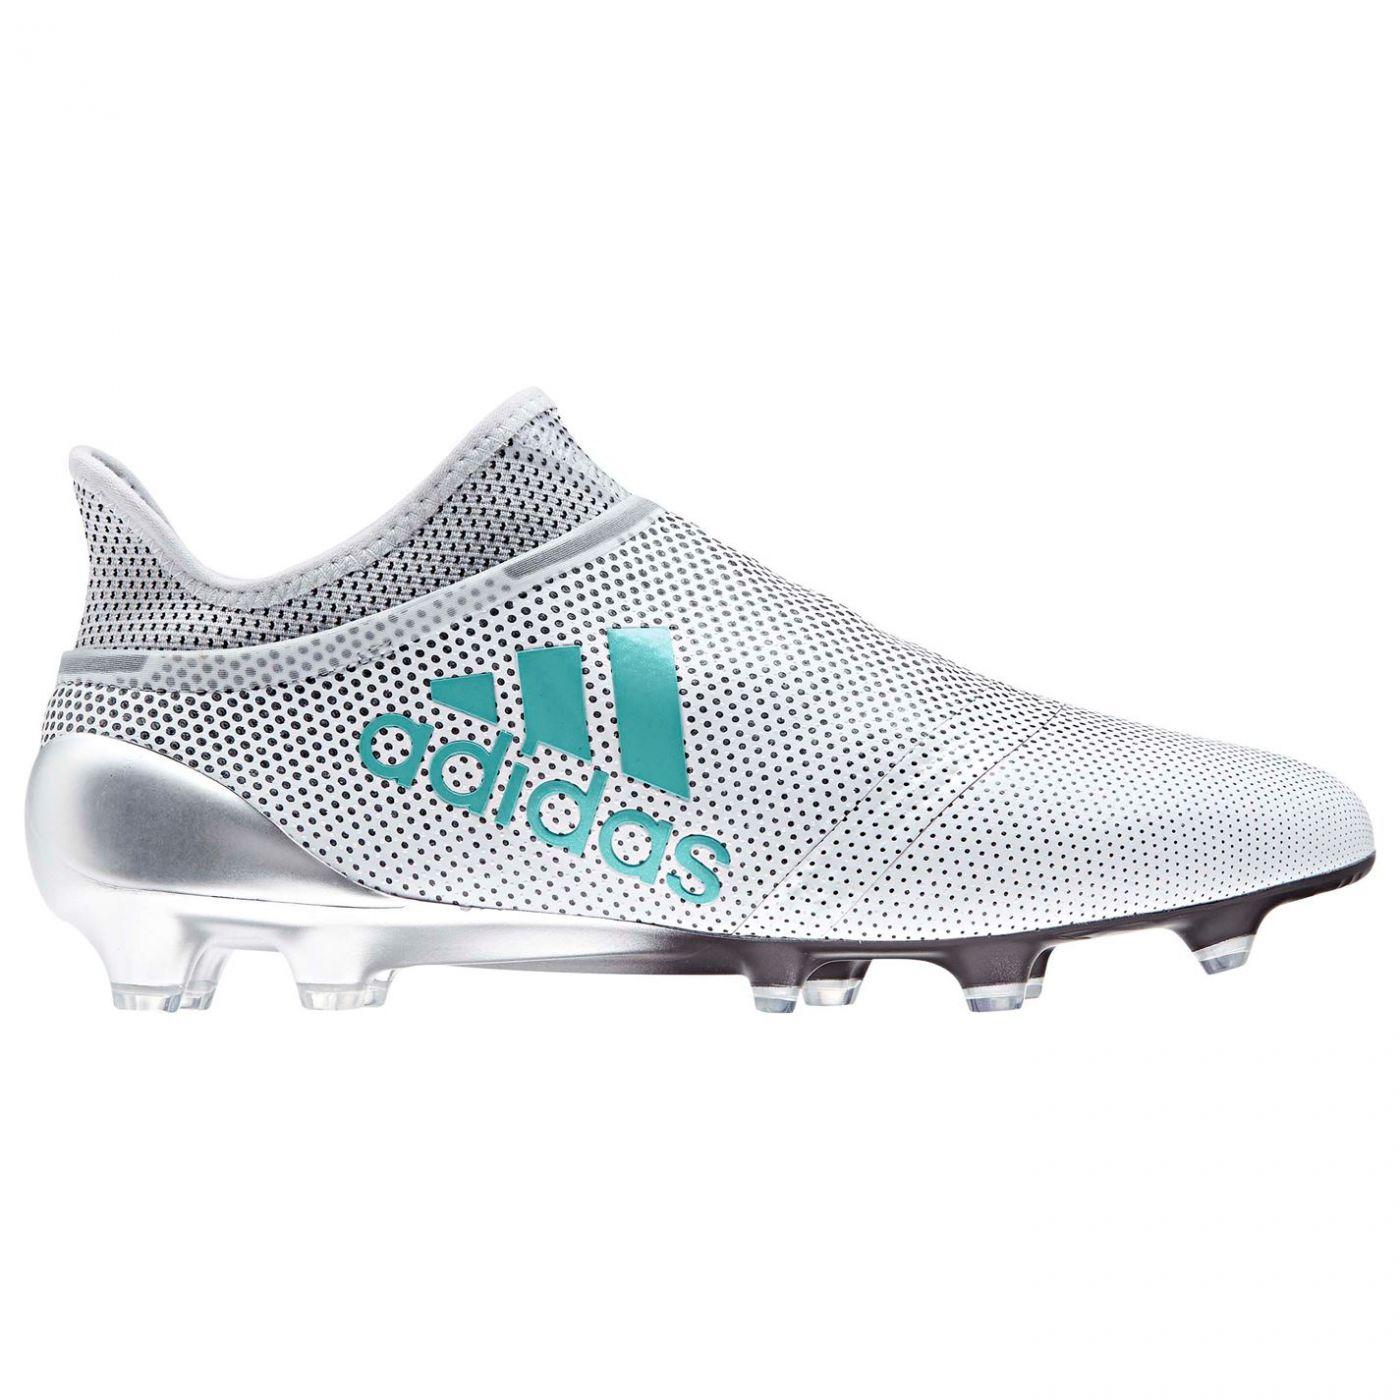 elegir oficial mejor amado extremadamente único adidas X 17 Plus Purechaos FG Mens Laceless Football Boots